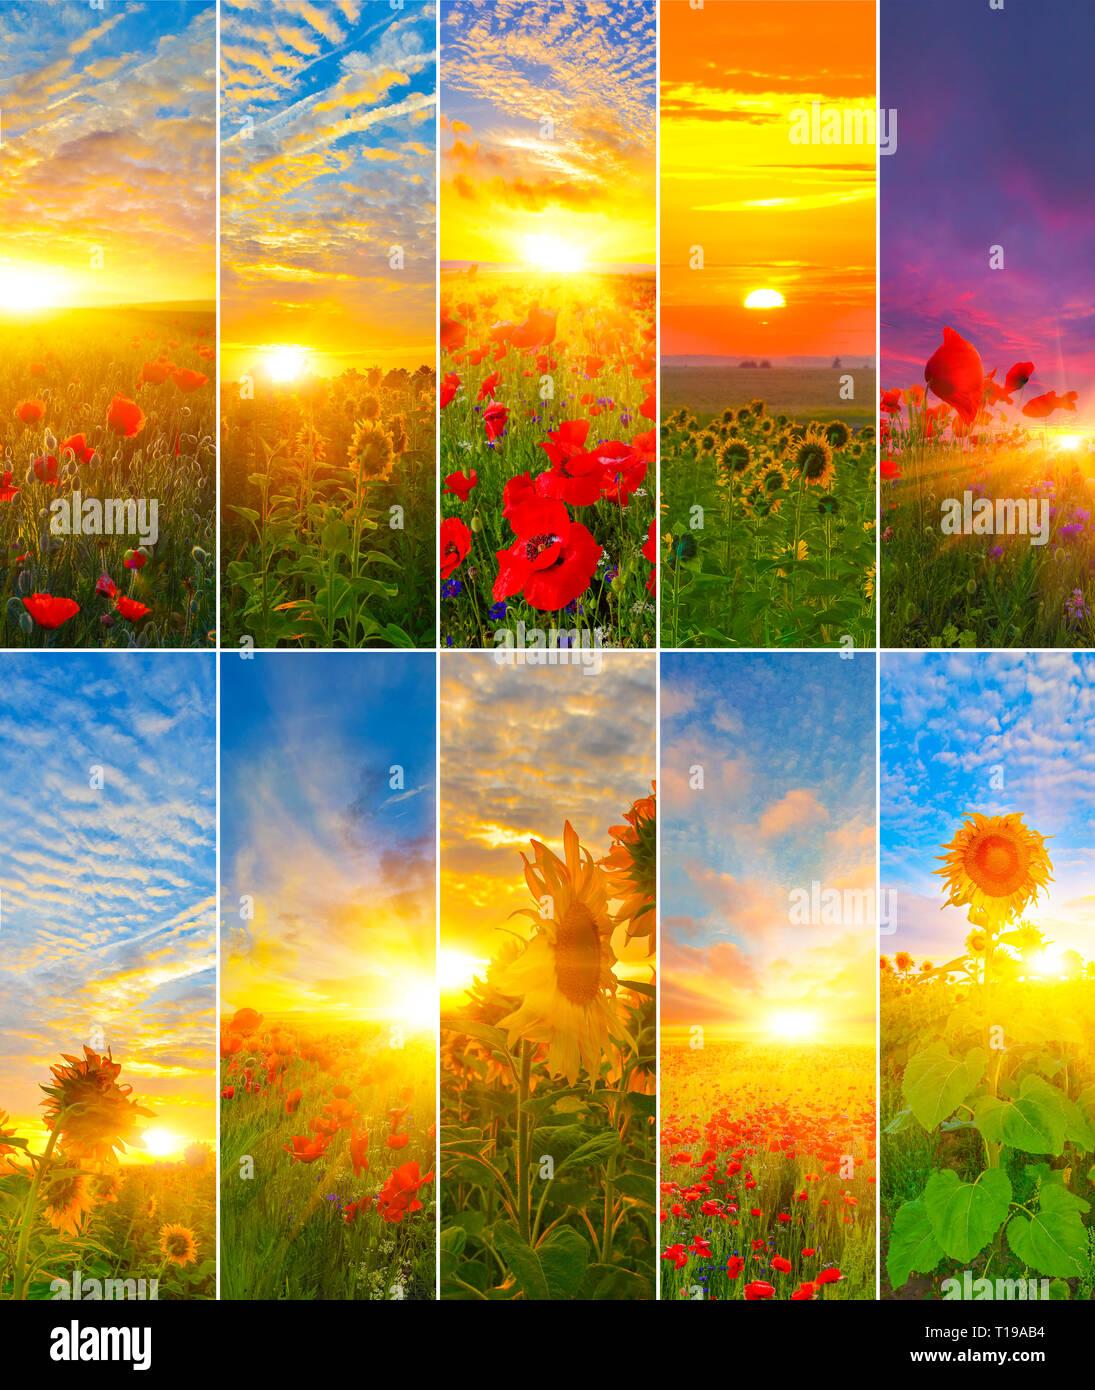 Raccolta di girasoli e papaveri con rising sun.Set di sfondi di sunrise. Immagini Stock